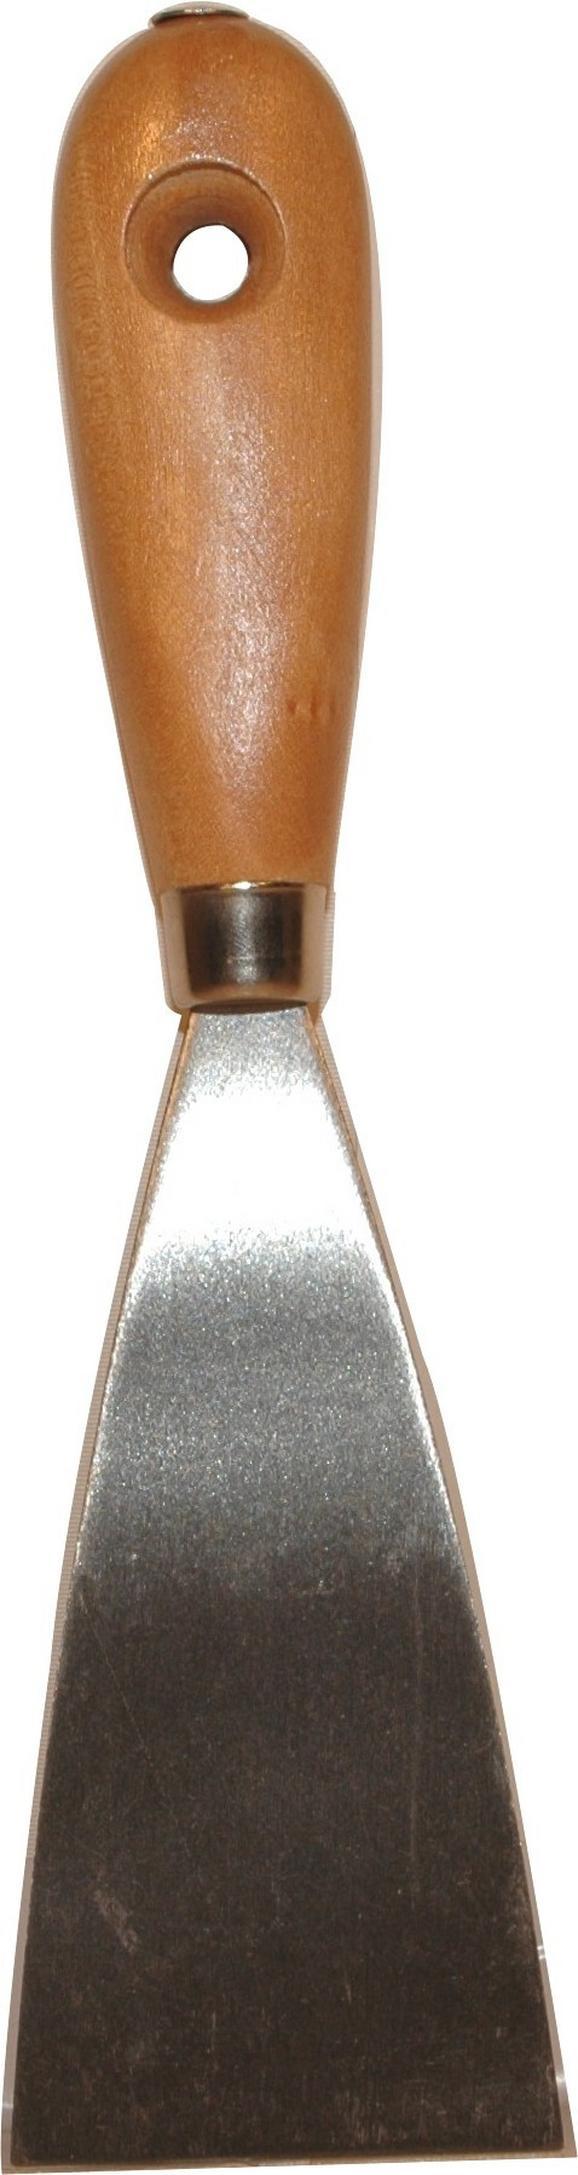 Spatula Hubert - Ezüst, konvencionális, Fém (25cm)